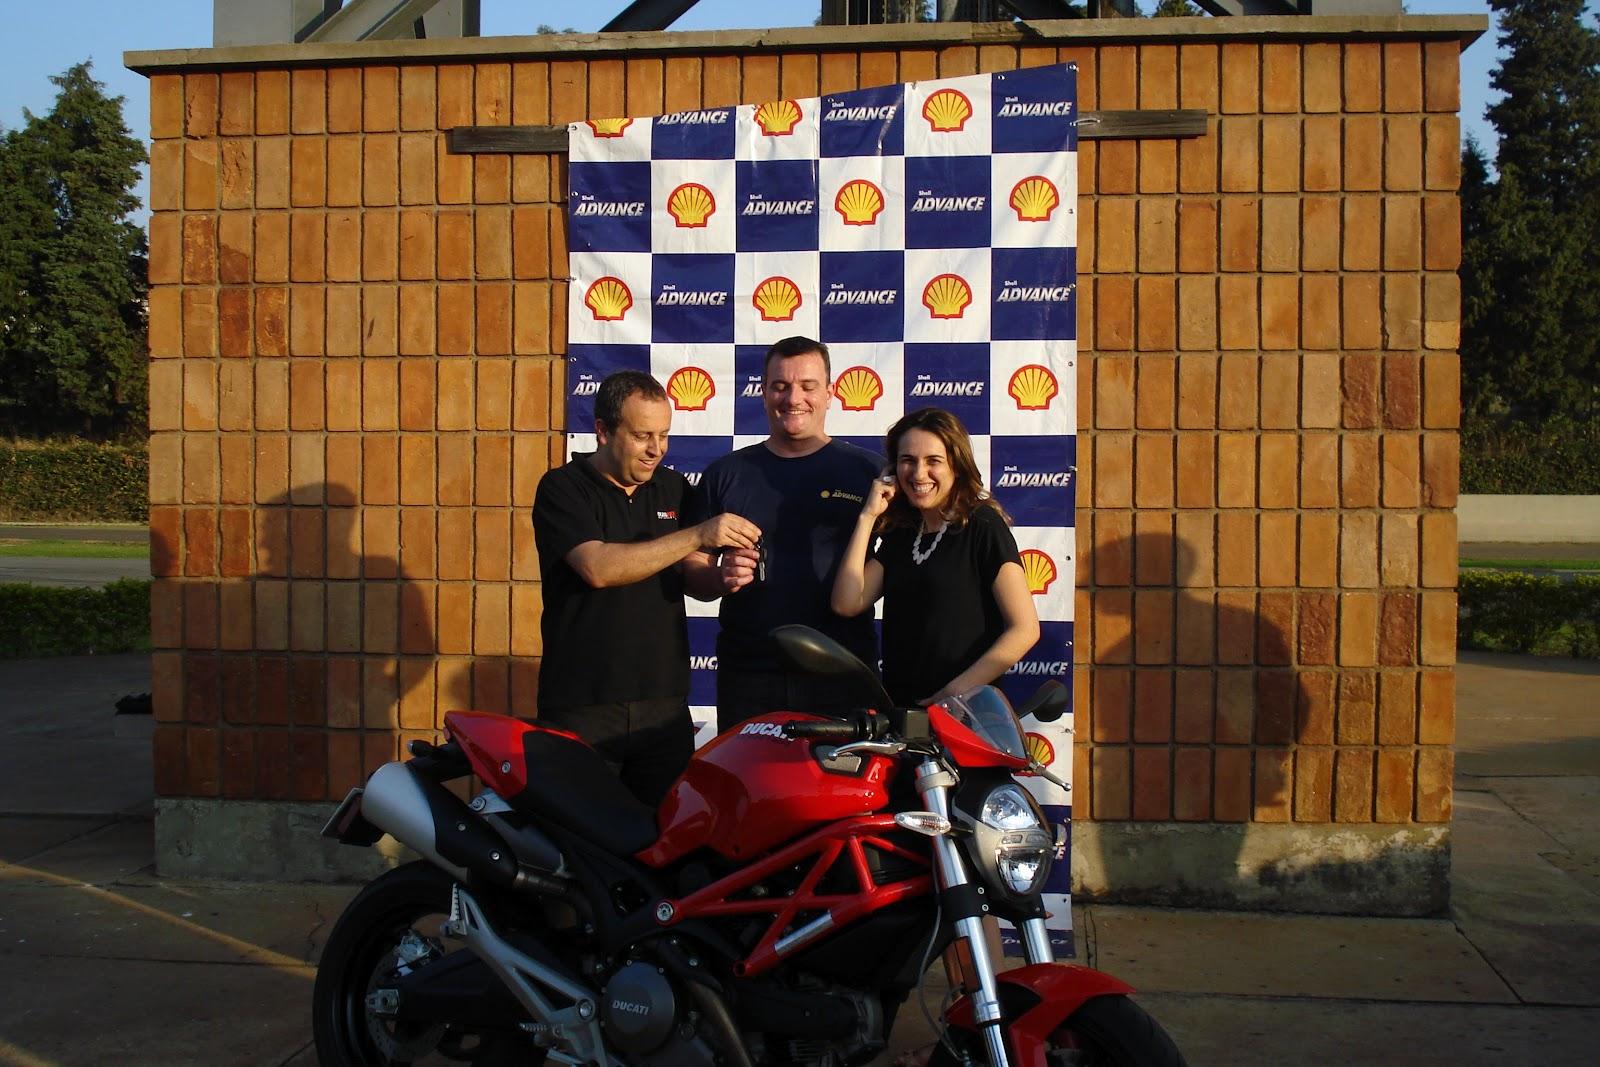 http://3.bp.blogspot.com/-_4Ad7vo8P5Q/UFH0tQX3FVI/AAAAAAAABvM/2g5X-xt73Tk/s1600/Evento+2+Rodas+-++Elei%C3%A7%C3%A3o+Melhor+Motociclista+do+Brasil+-+Da+Silva+-+Dia+08.09.12+(143).JPG